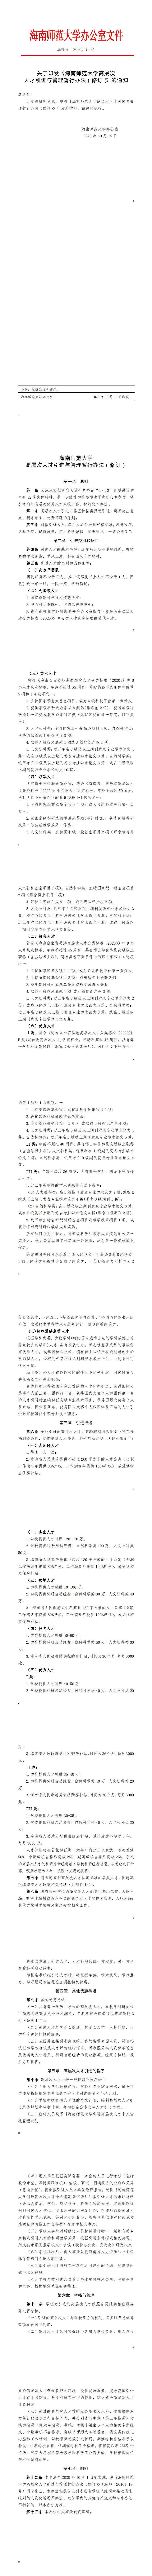 关于印发《海南师范大学高层次人才引进与管理暂行办法(修订)》的通知